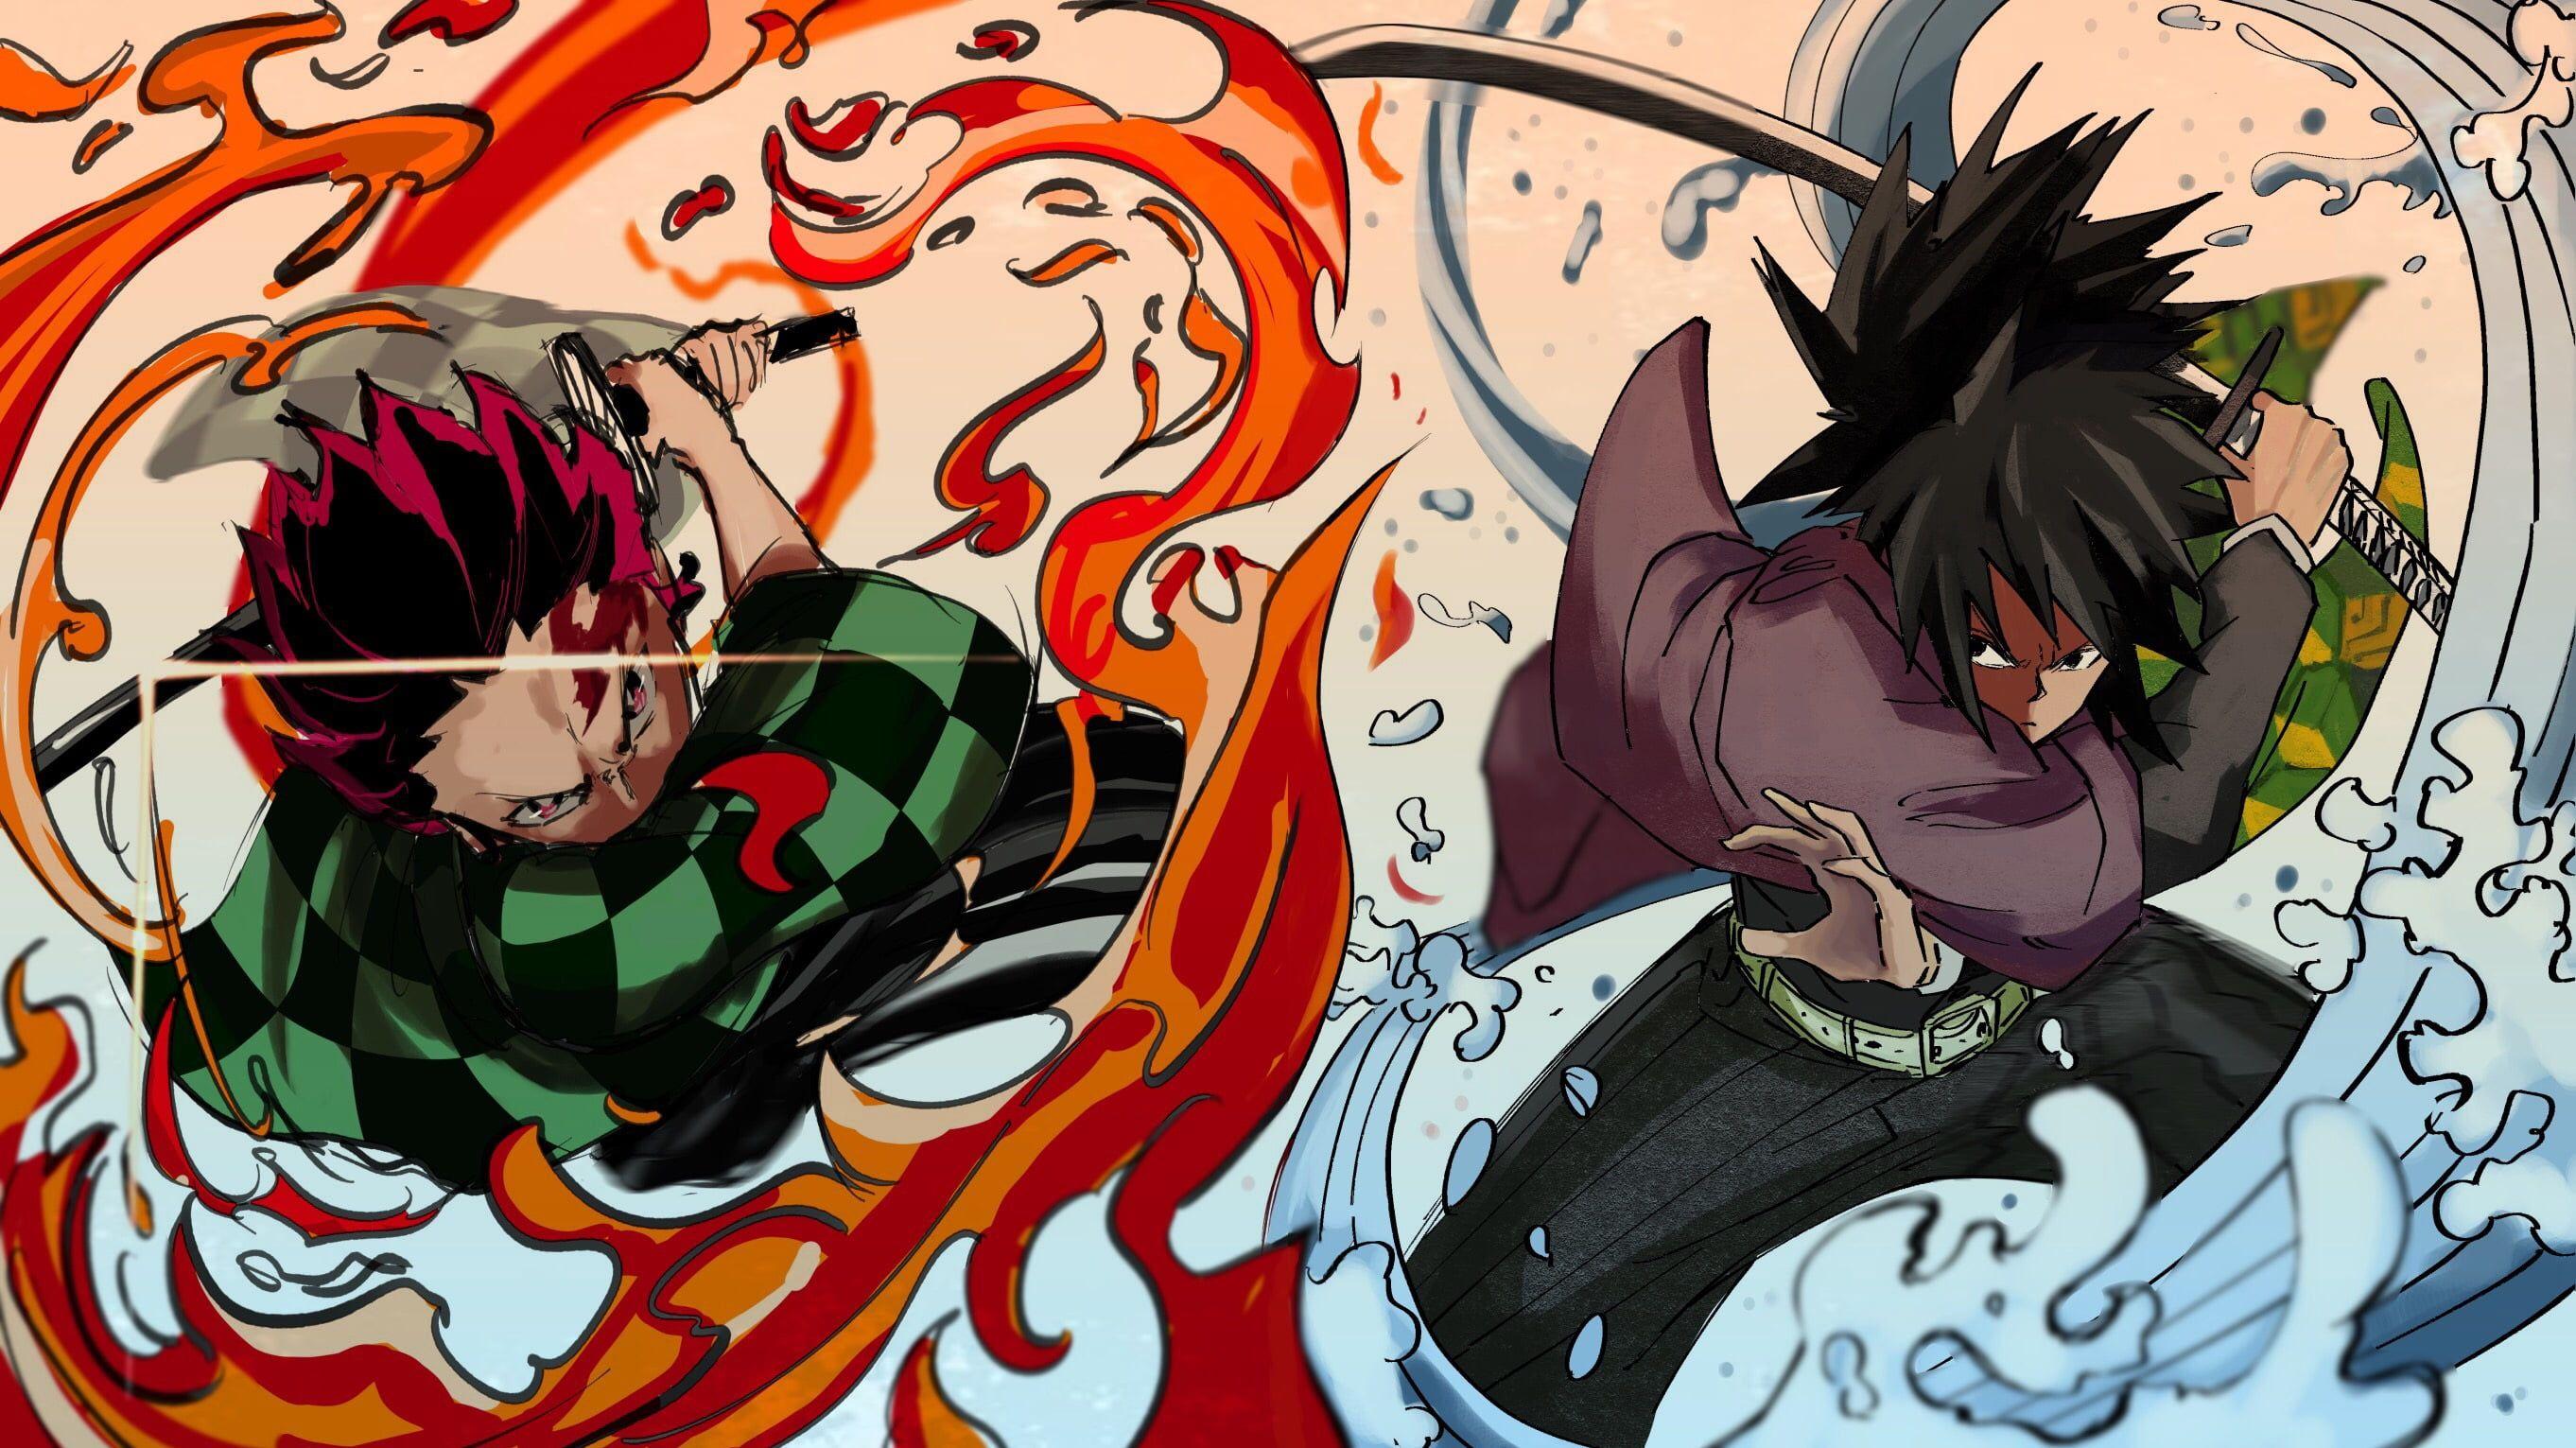 giyuu x shinobu wallpaper by Kinthujank 8a Free on